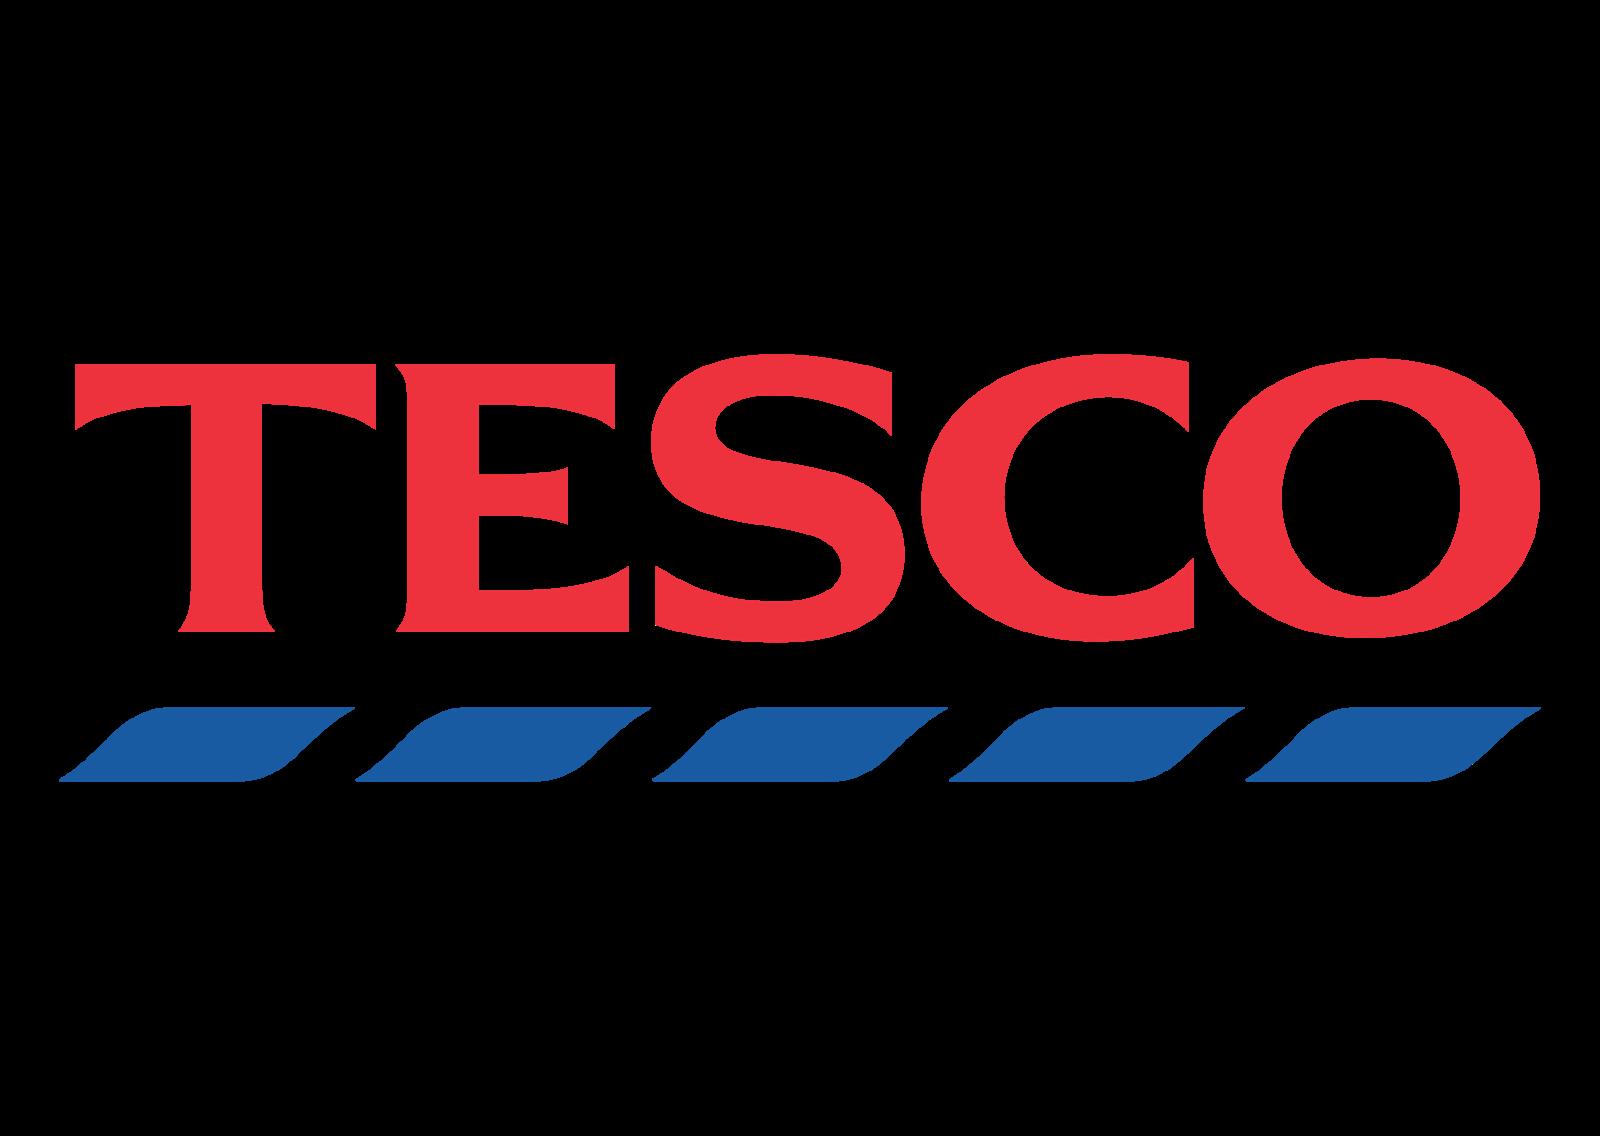 Telasco Logo photo - 1